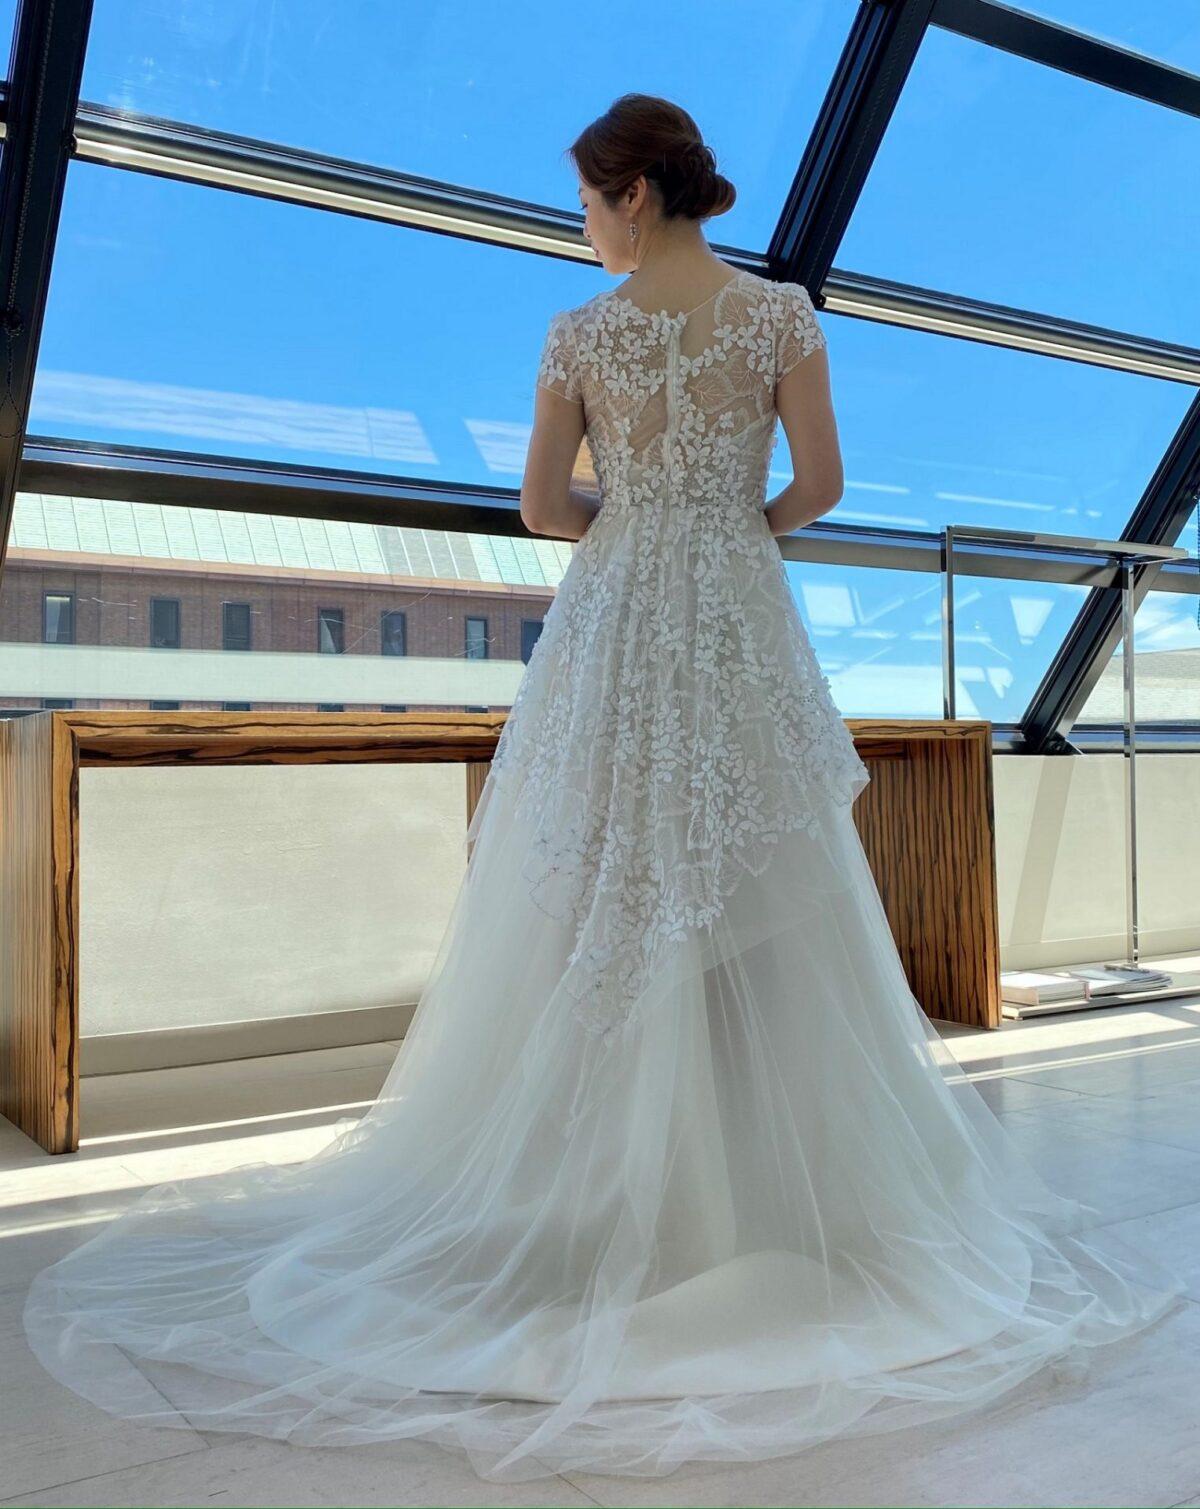 トリートドレッシングで人気のエリザベスフィルモアのレンタルウェディングは横浜みなとみらいでの結婚式にぴったり